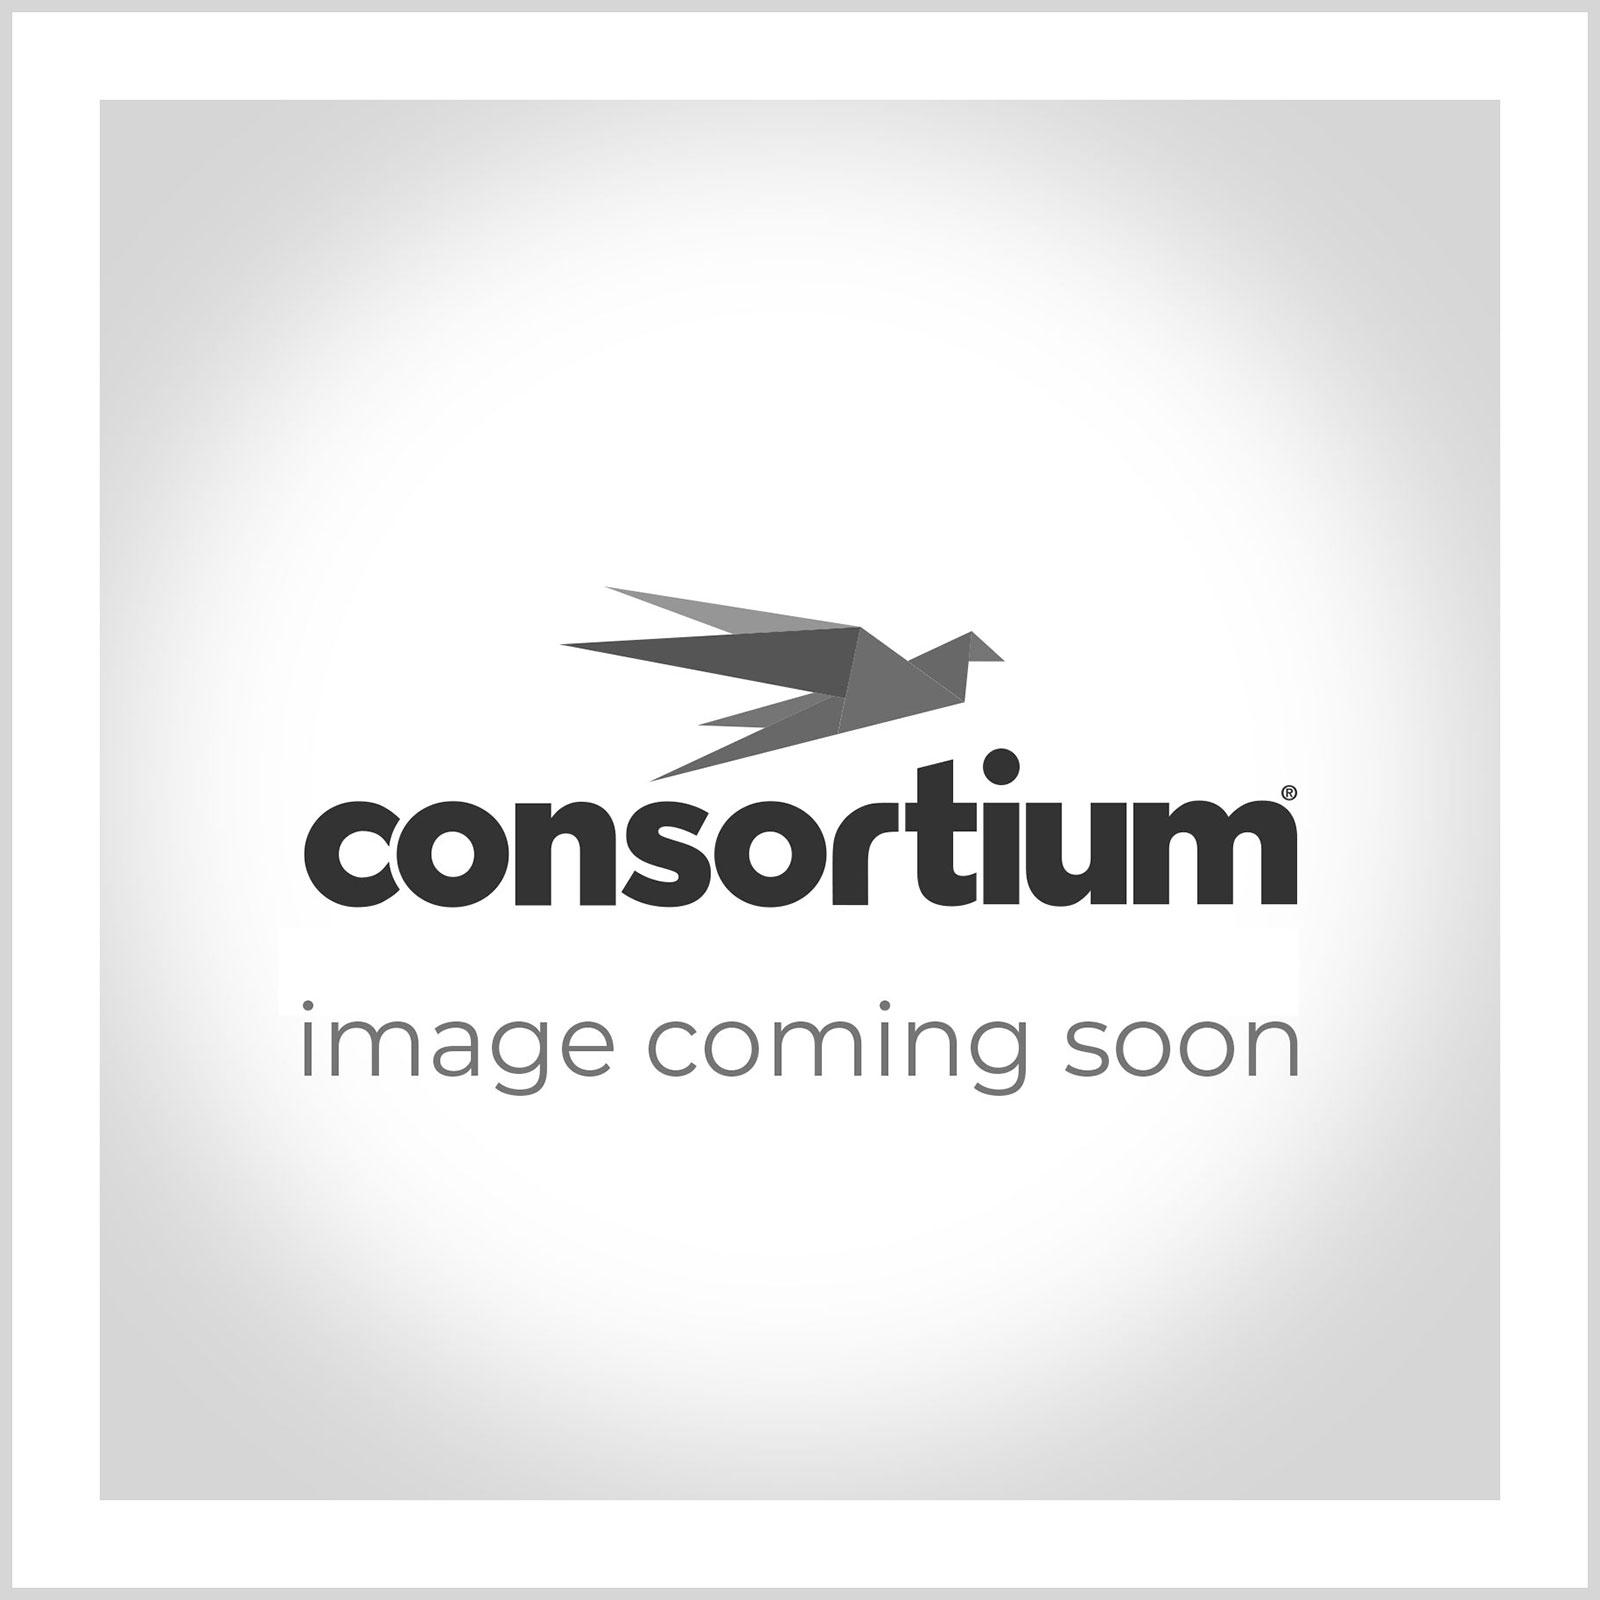 Bostik All Purpose Adhesive